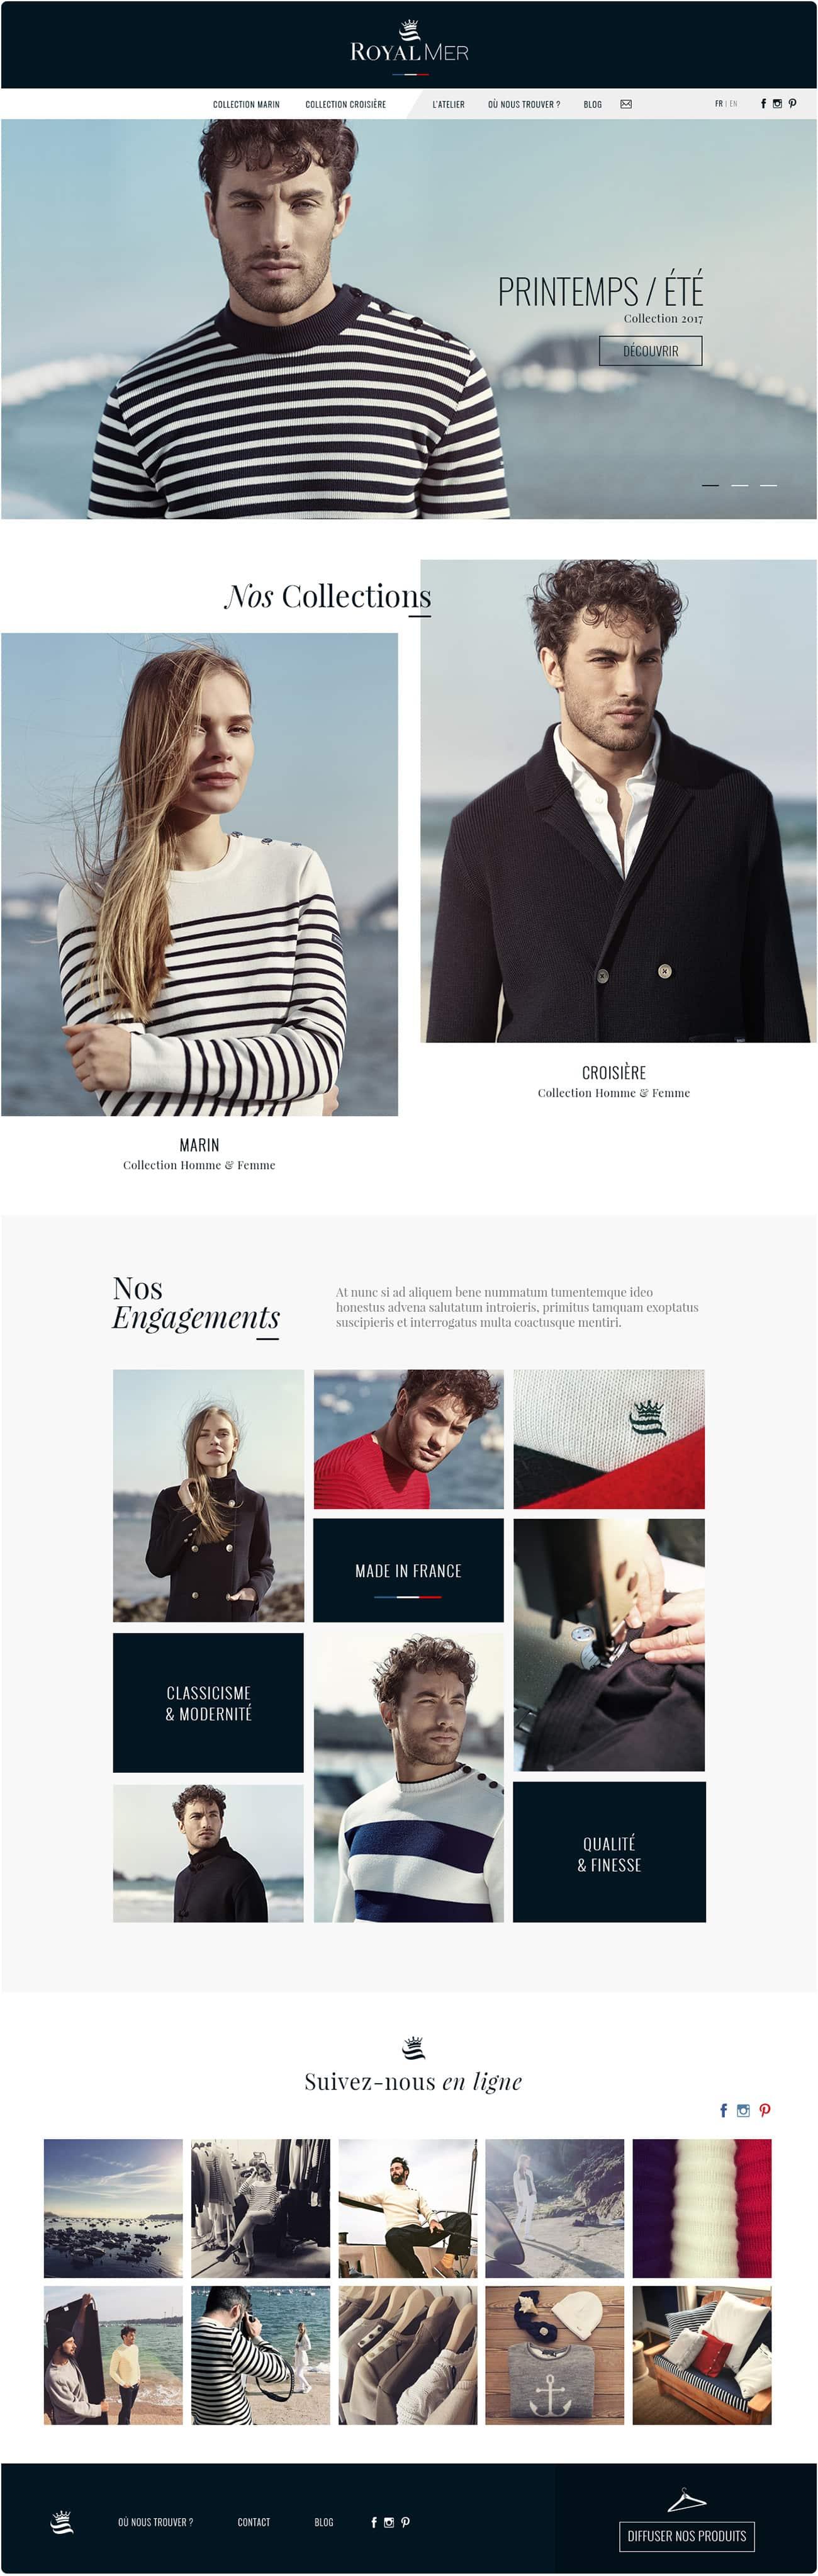 Agence Web Royal Mer